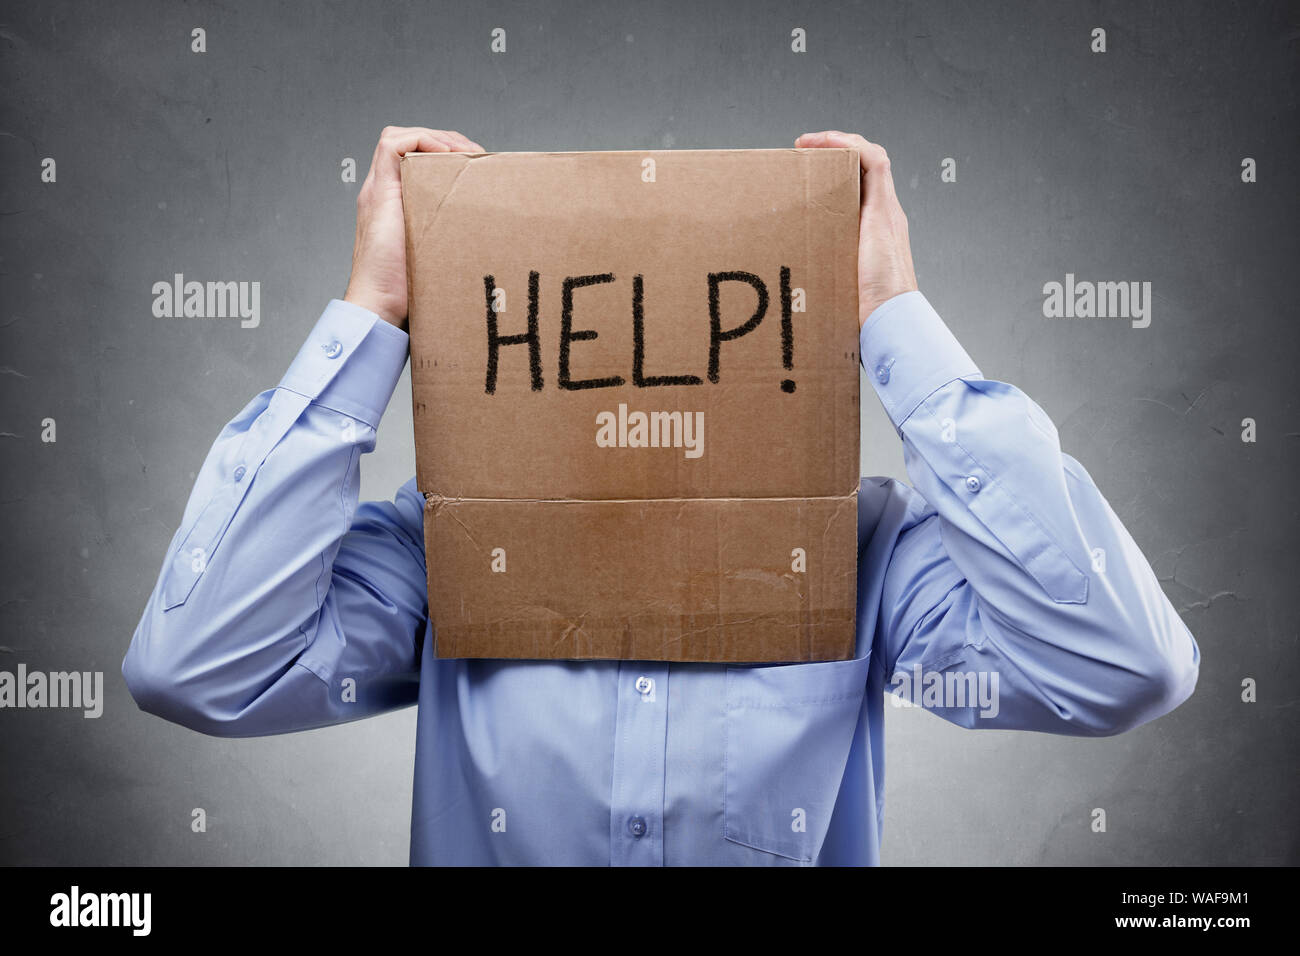 Caja de cartón en la cabeza empresario concepto pide ayuda para problemas, apoyo, sobrecargado de trabajo o estrés Foto de stock